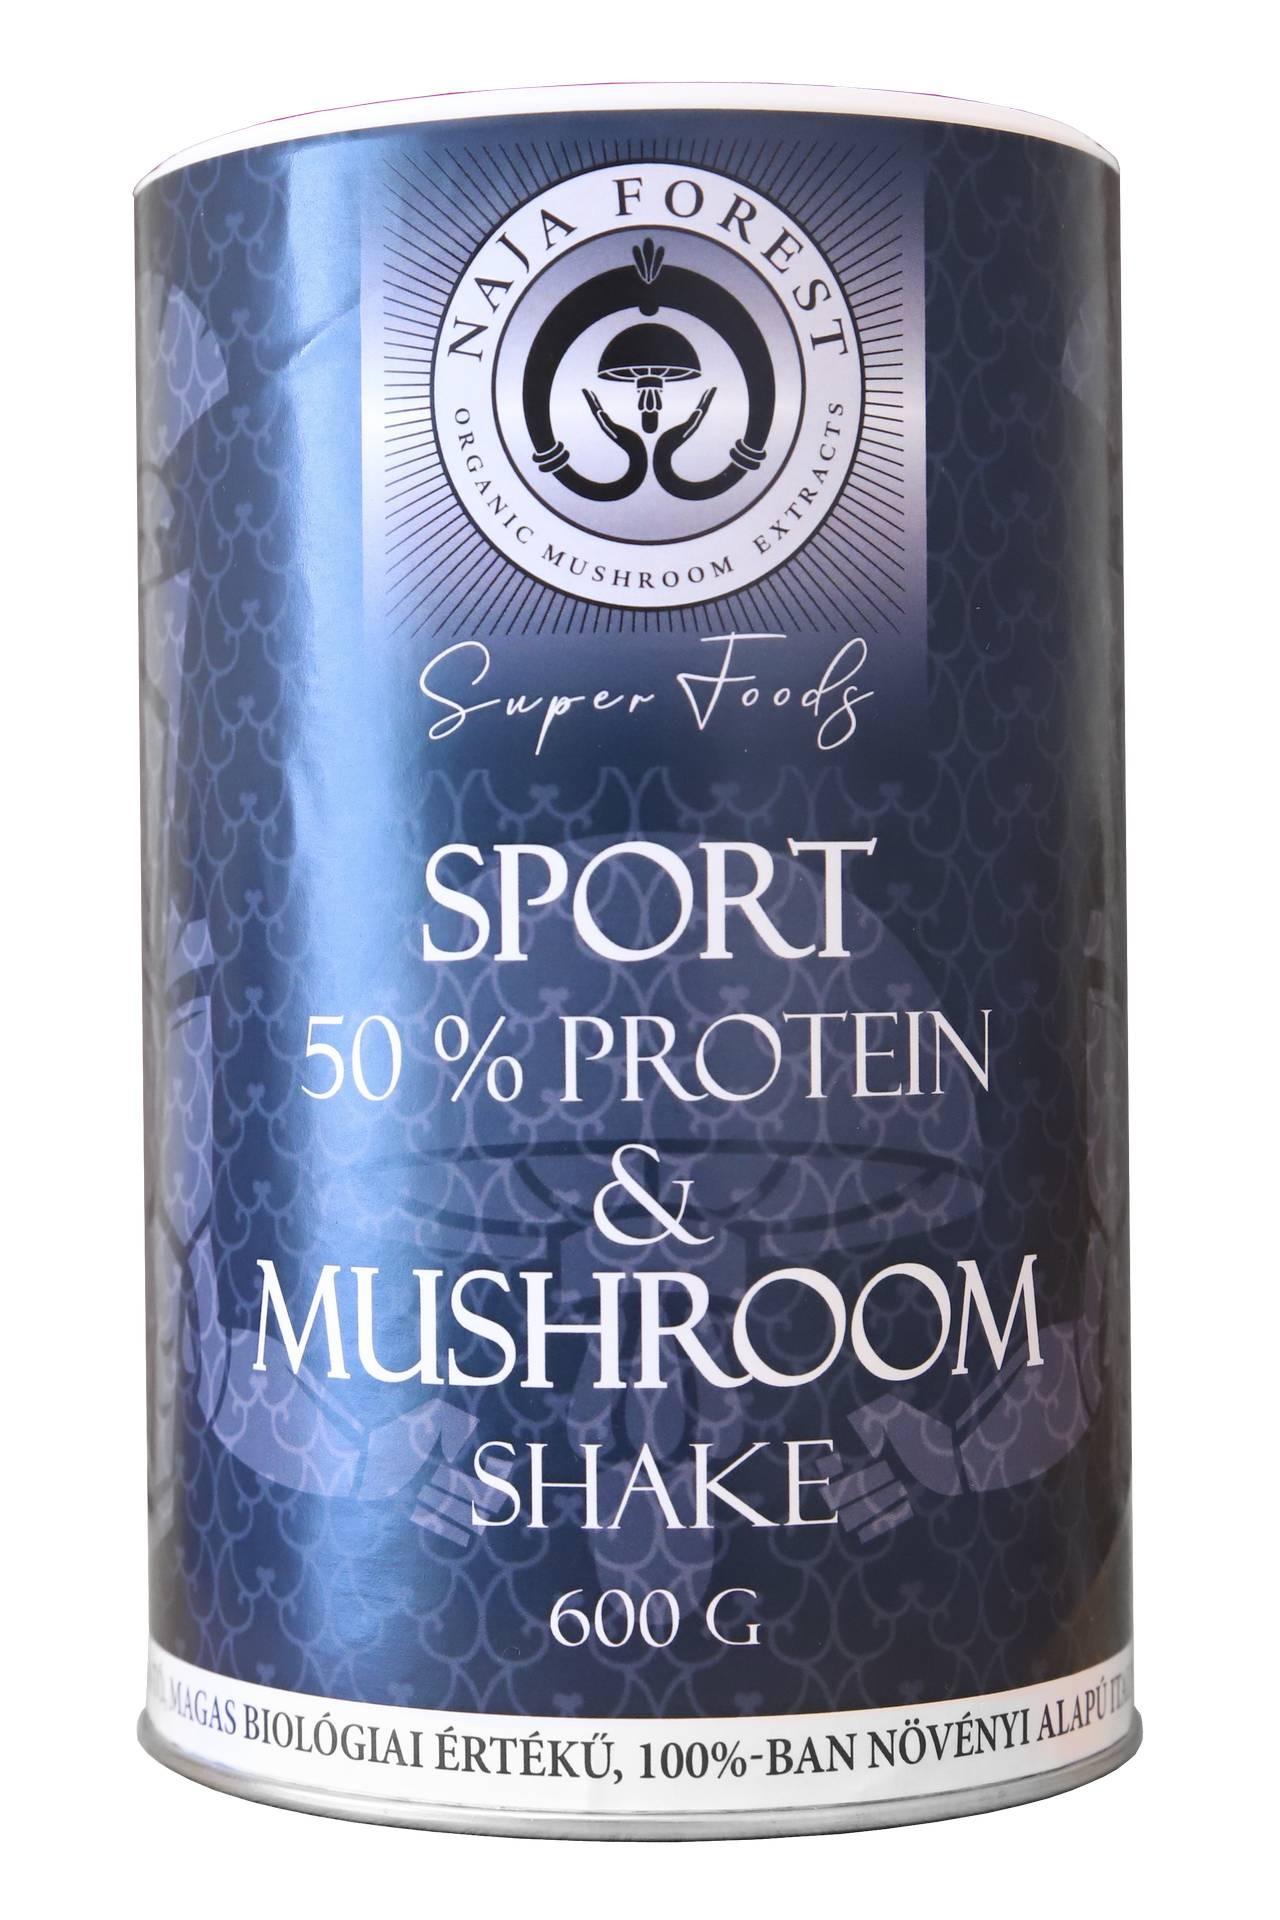 Sport Mushroom Shake